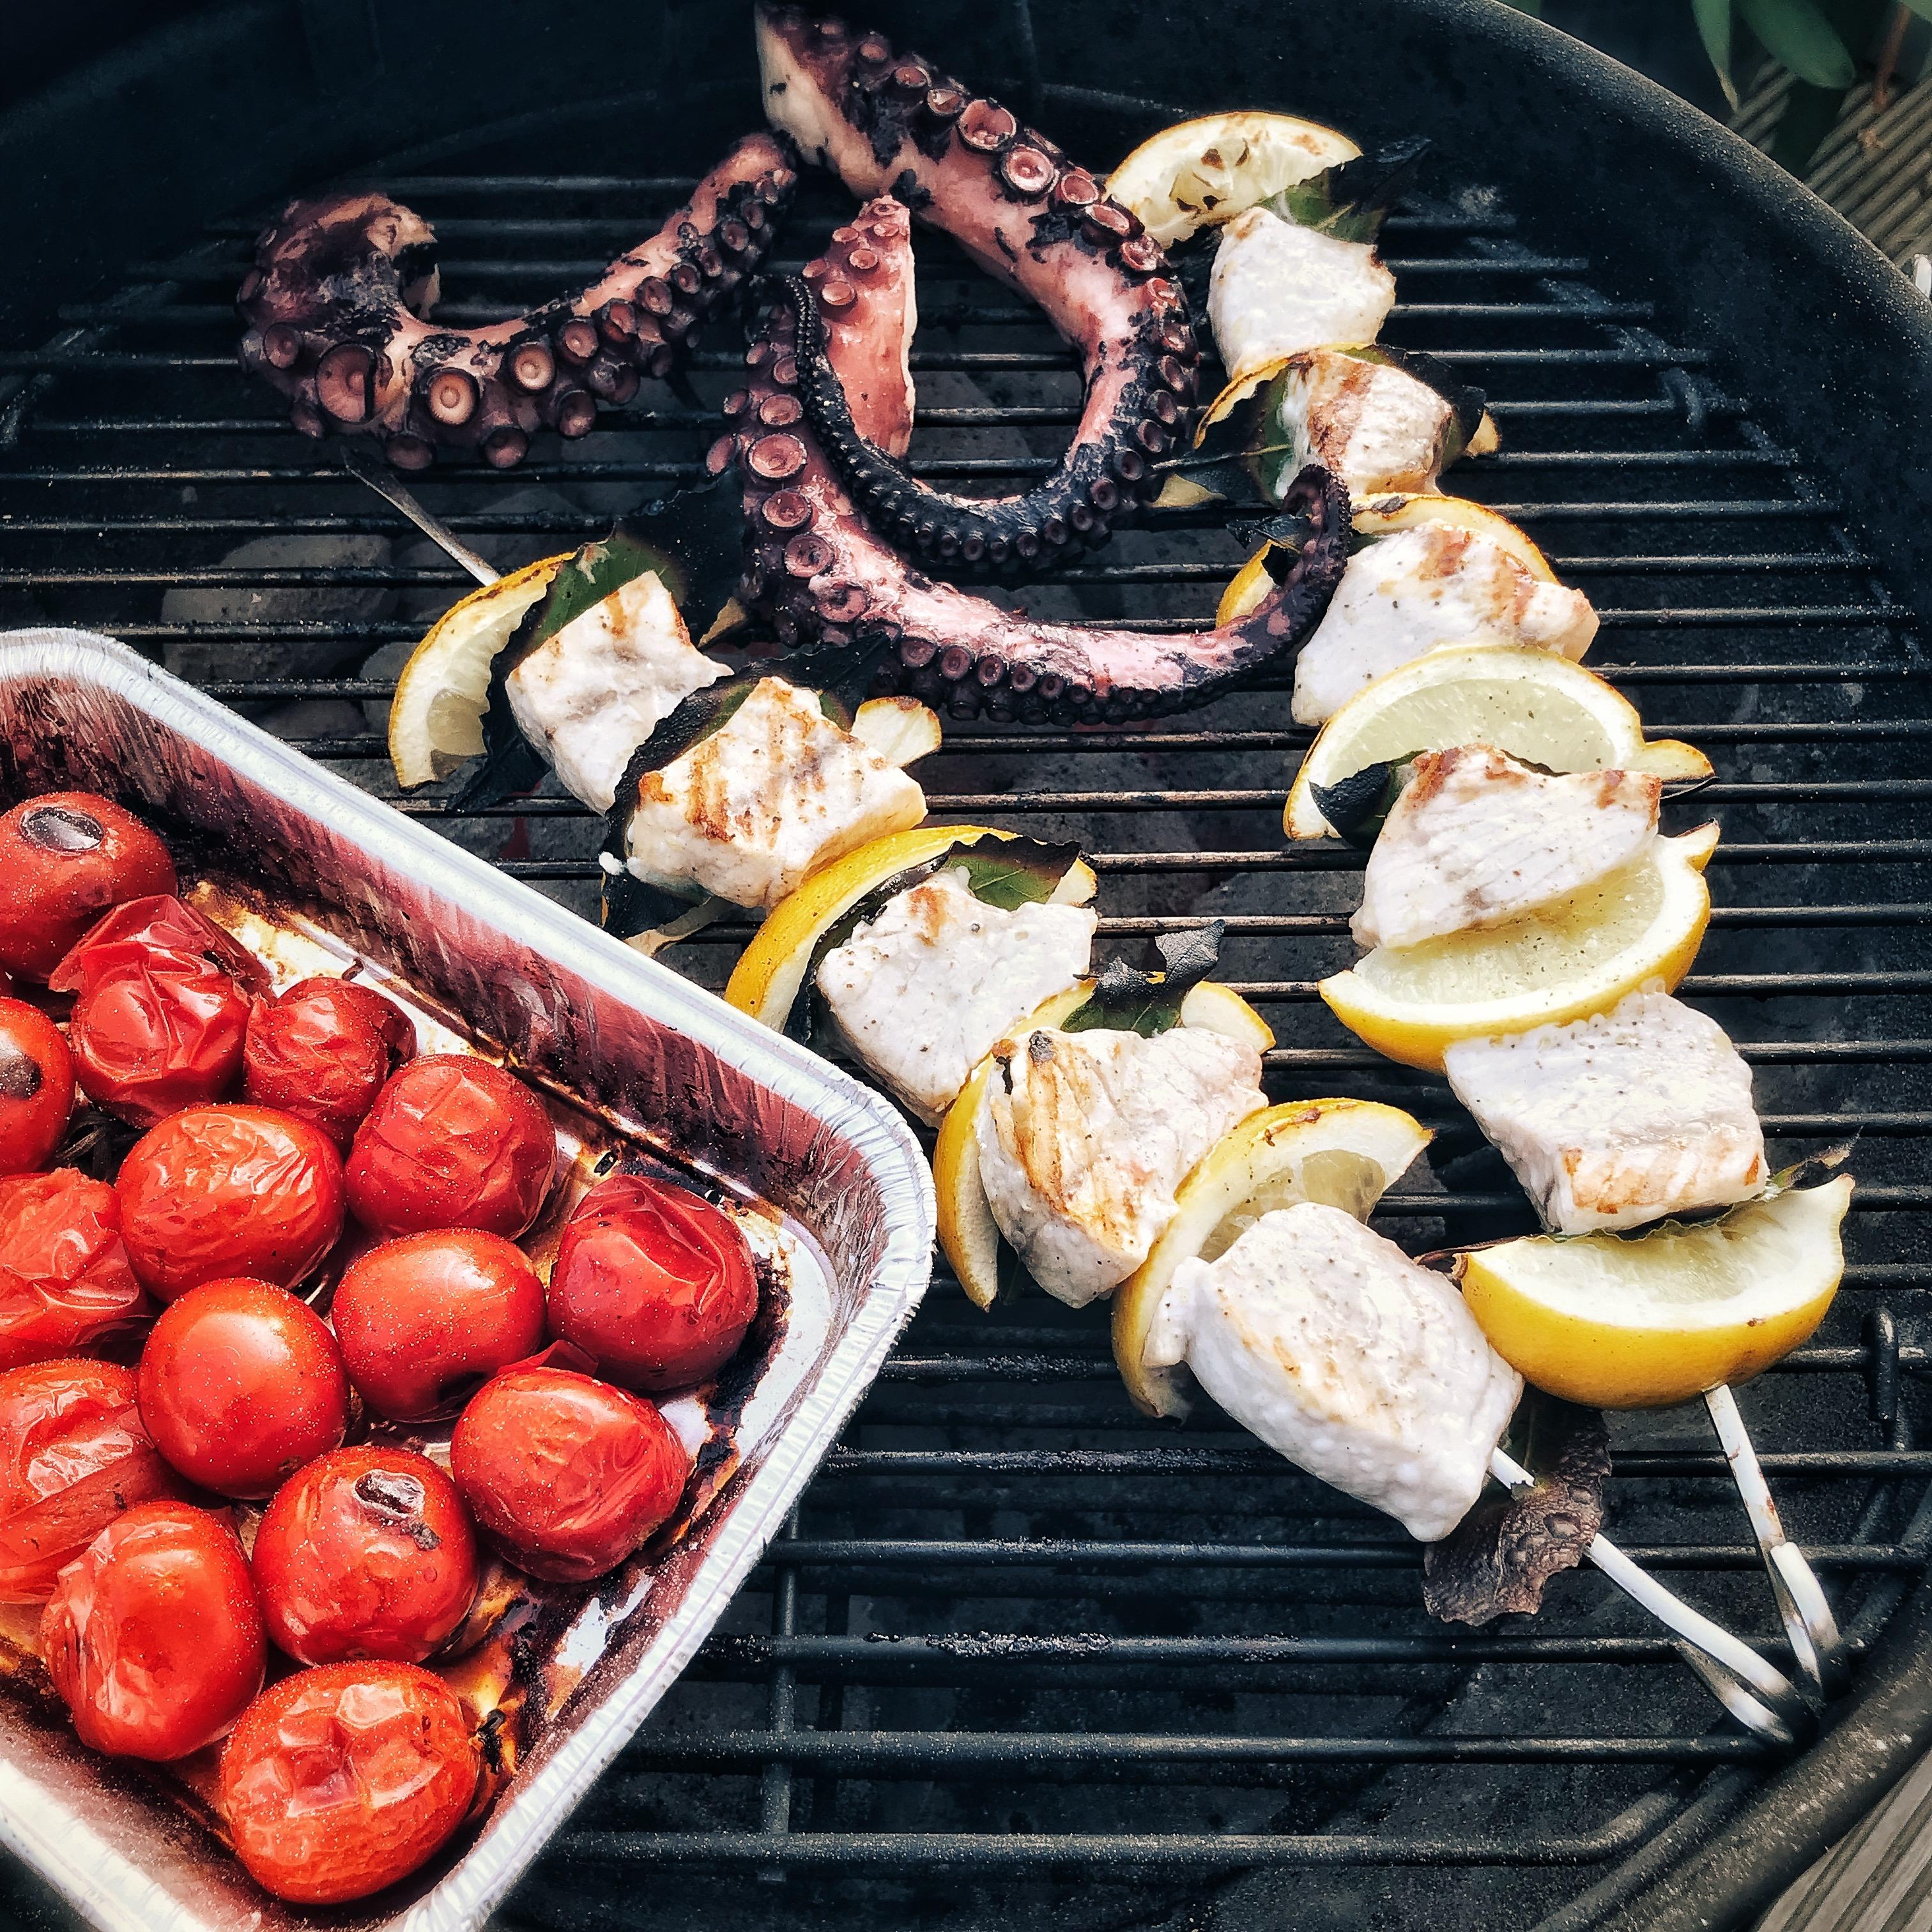 Zwaardvis en octopus op de barbecue